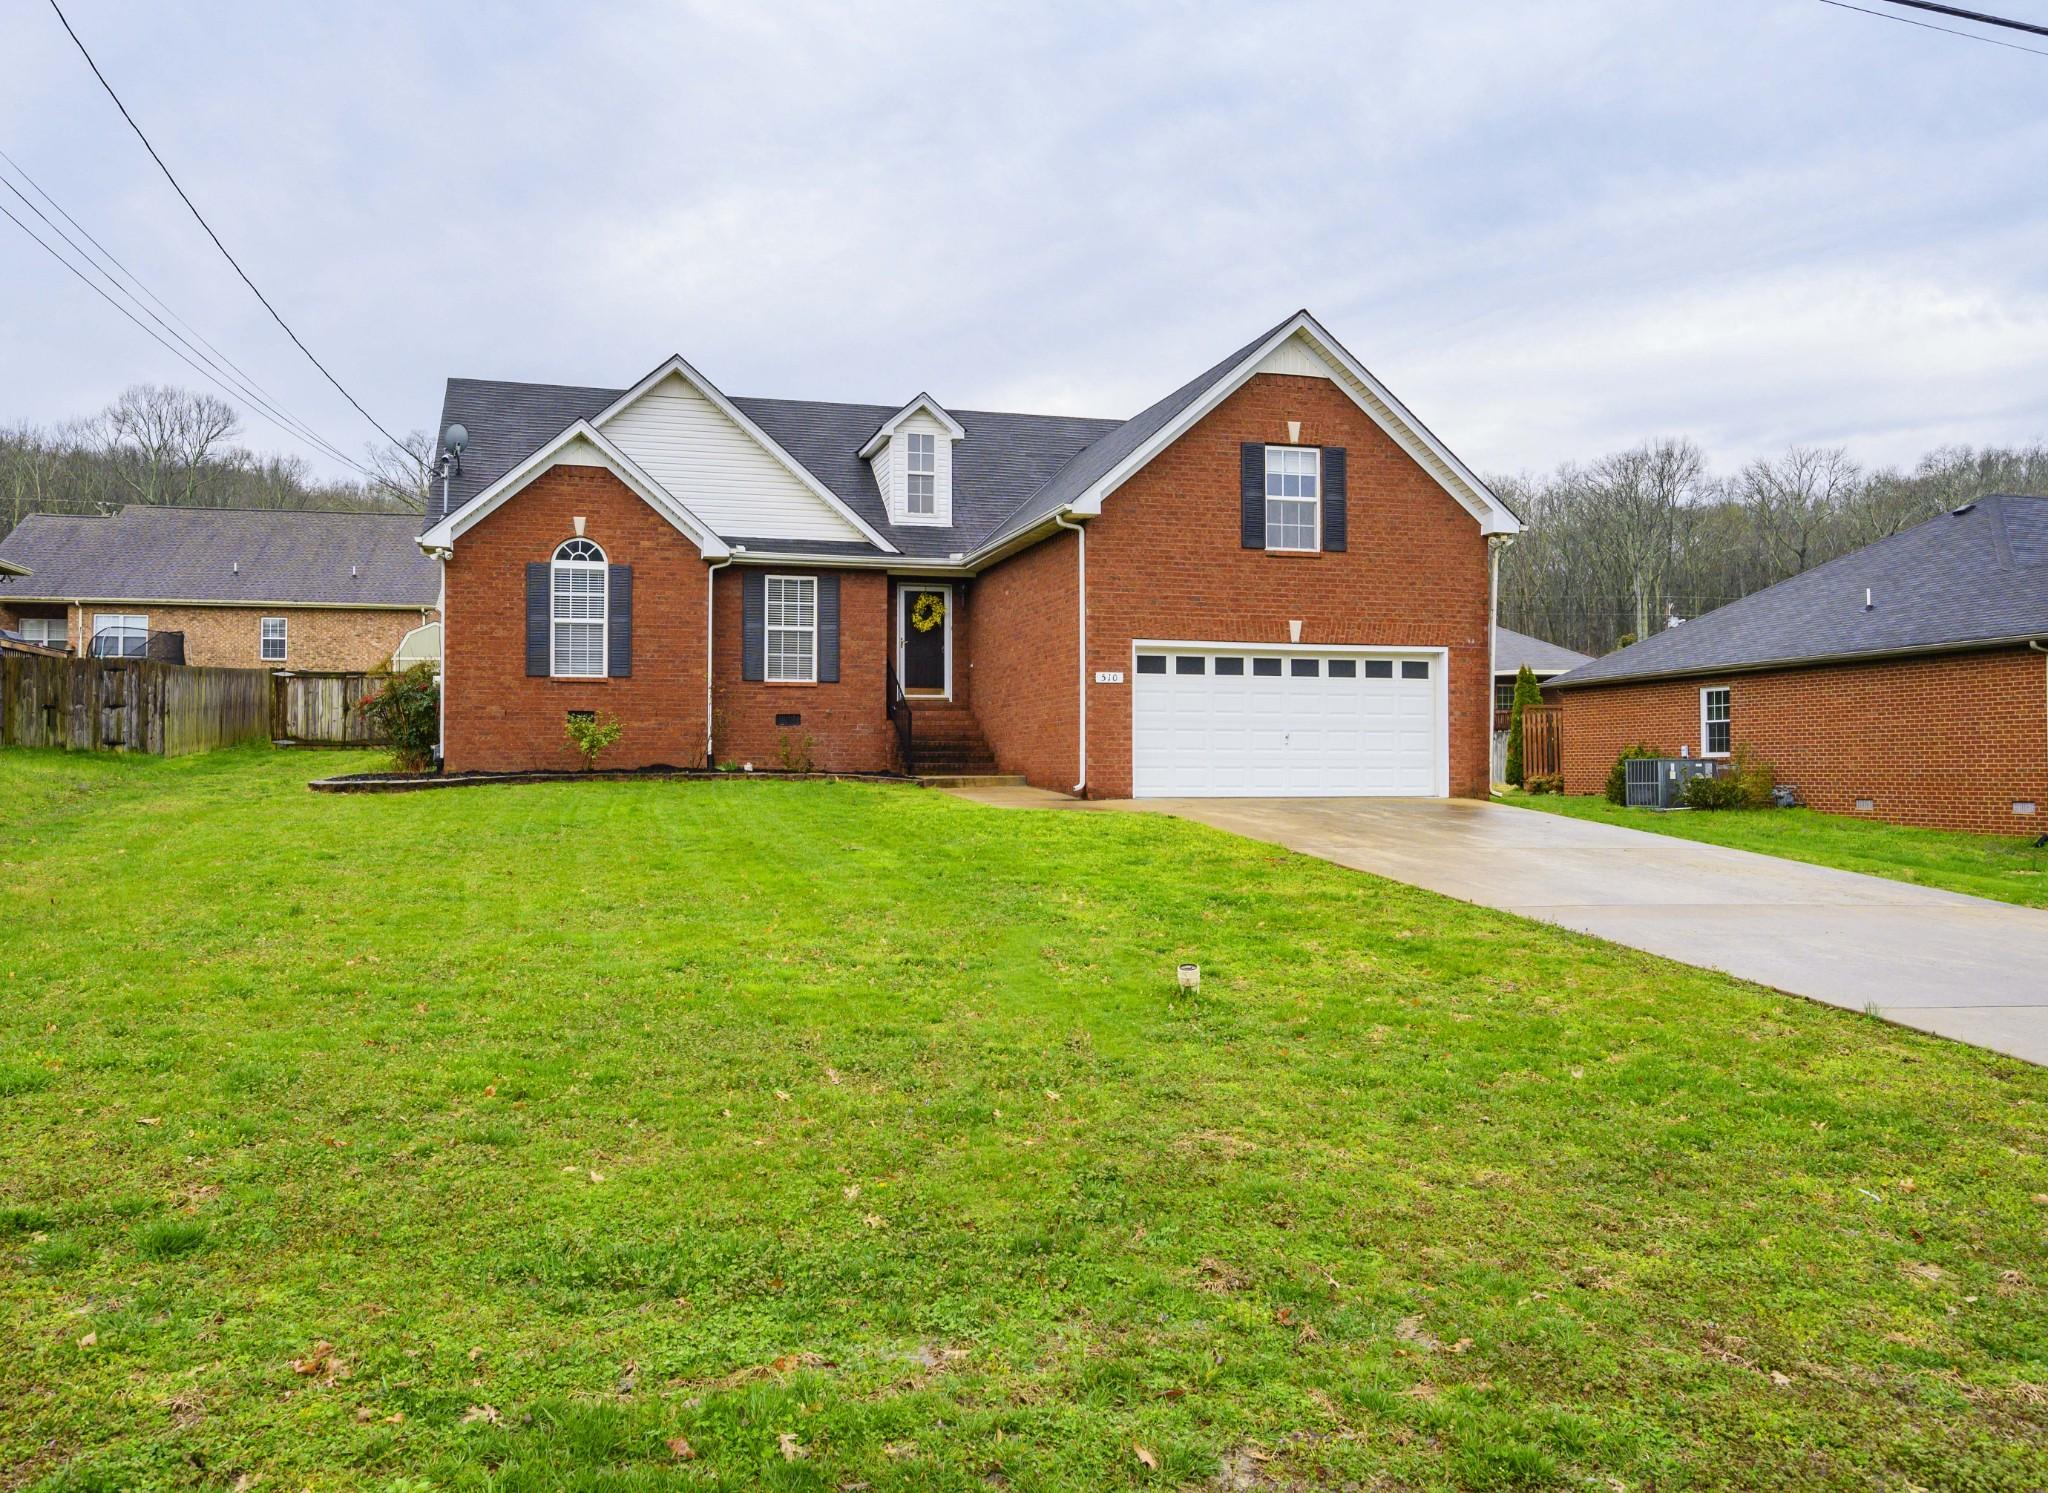 510 Spring Hill Dr, Smyrna, TN 37167 - Smyrna, TN real estate listing